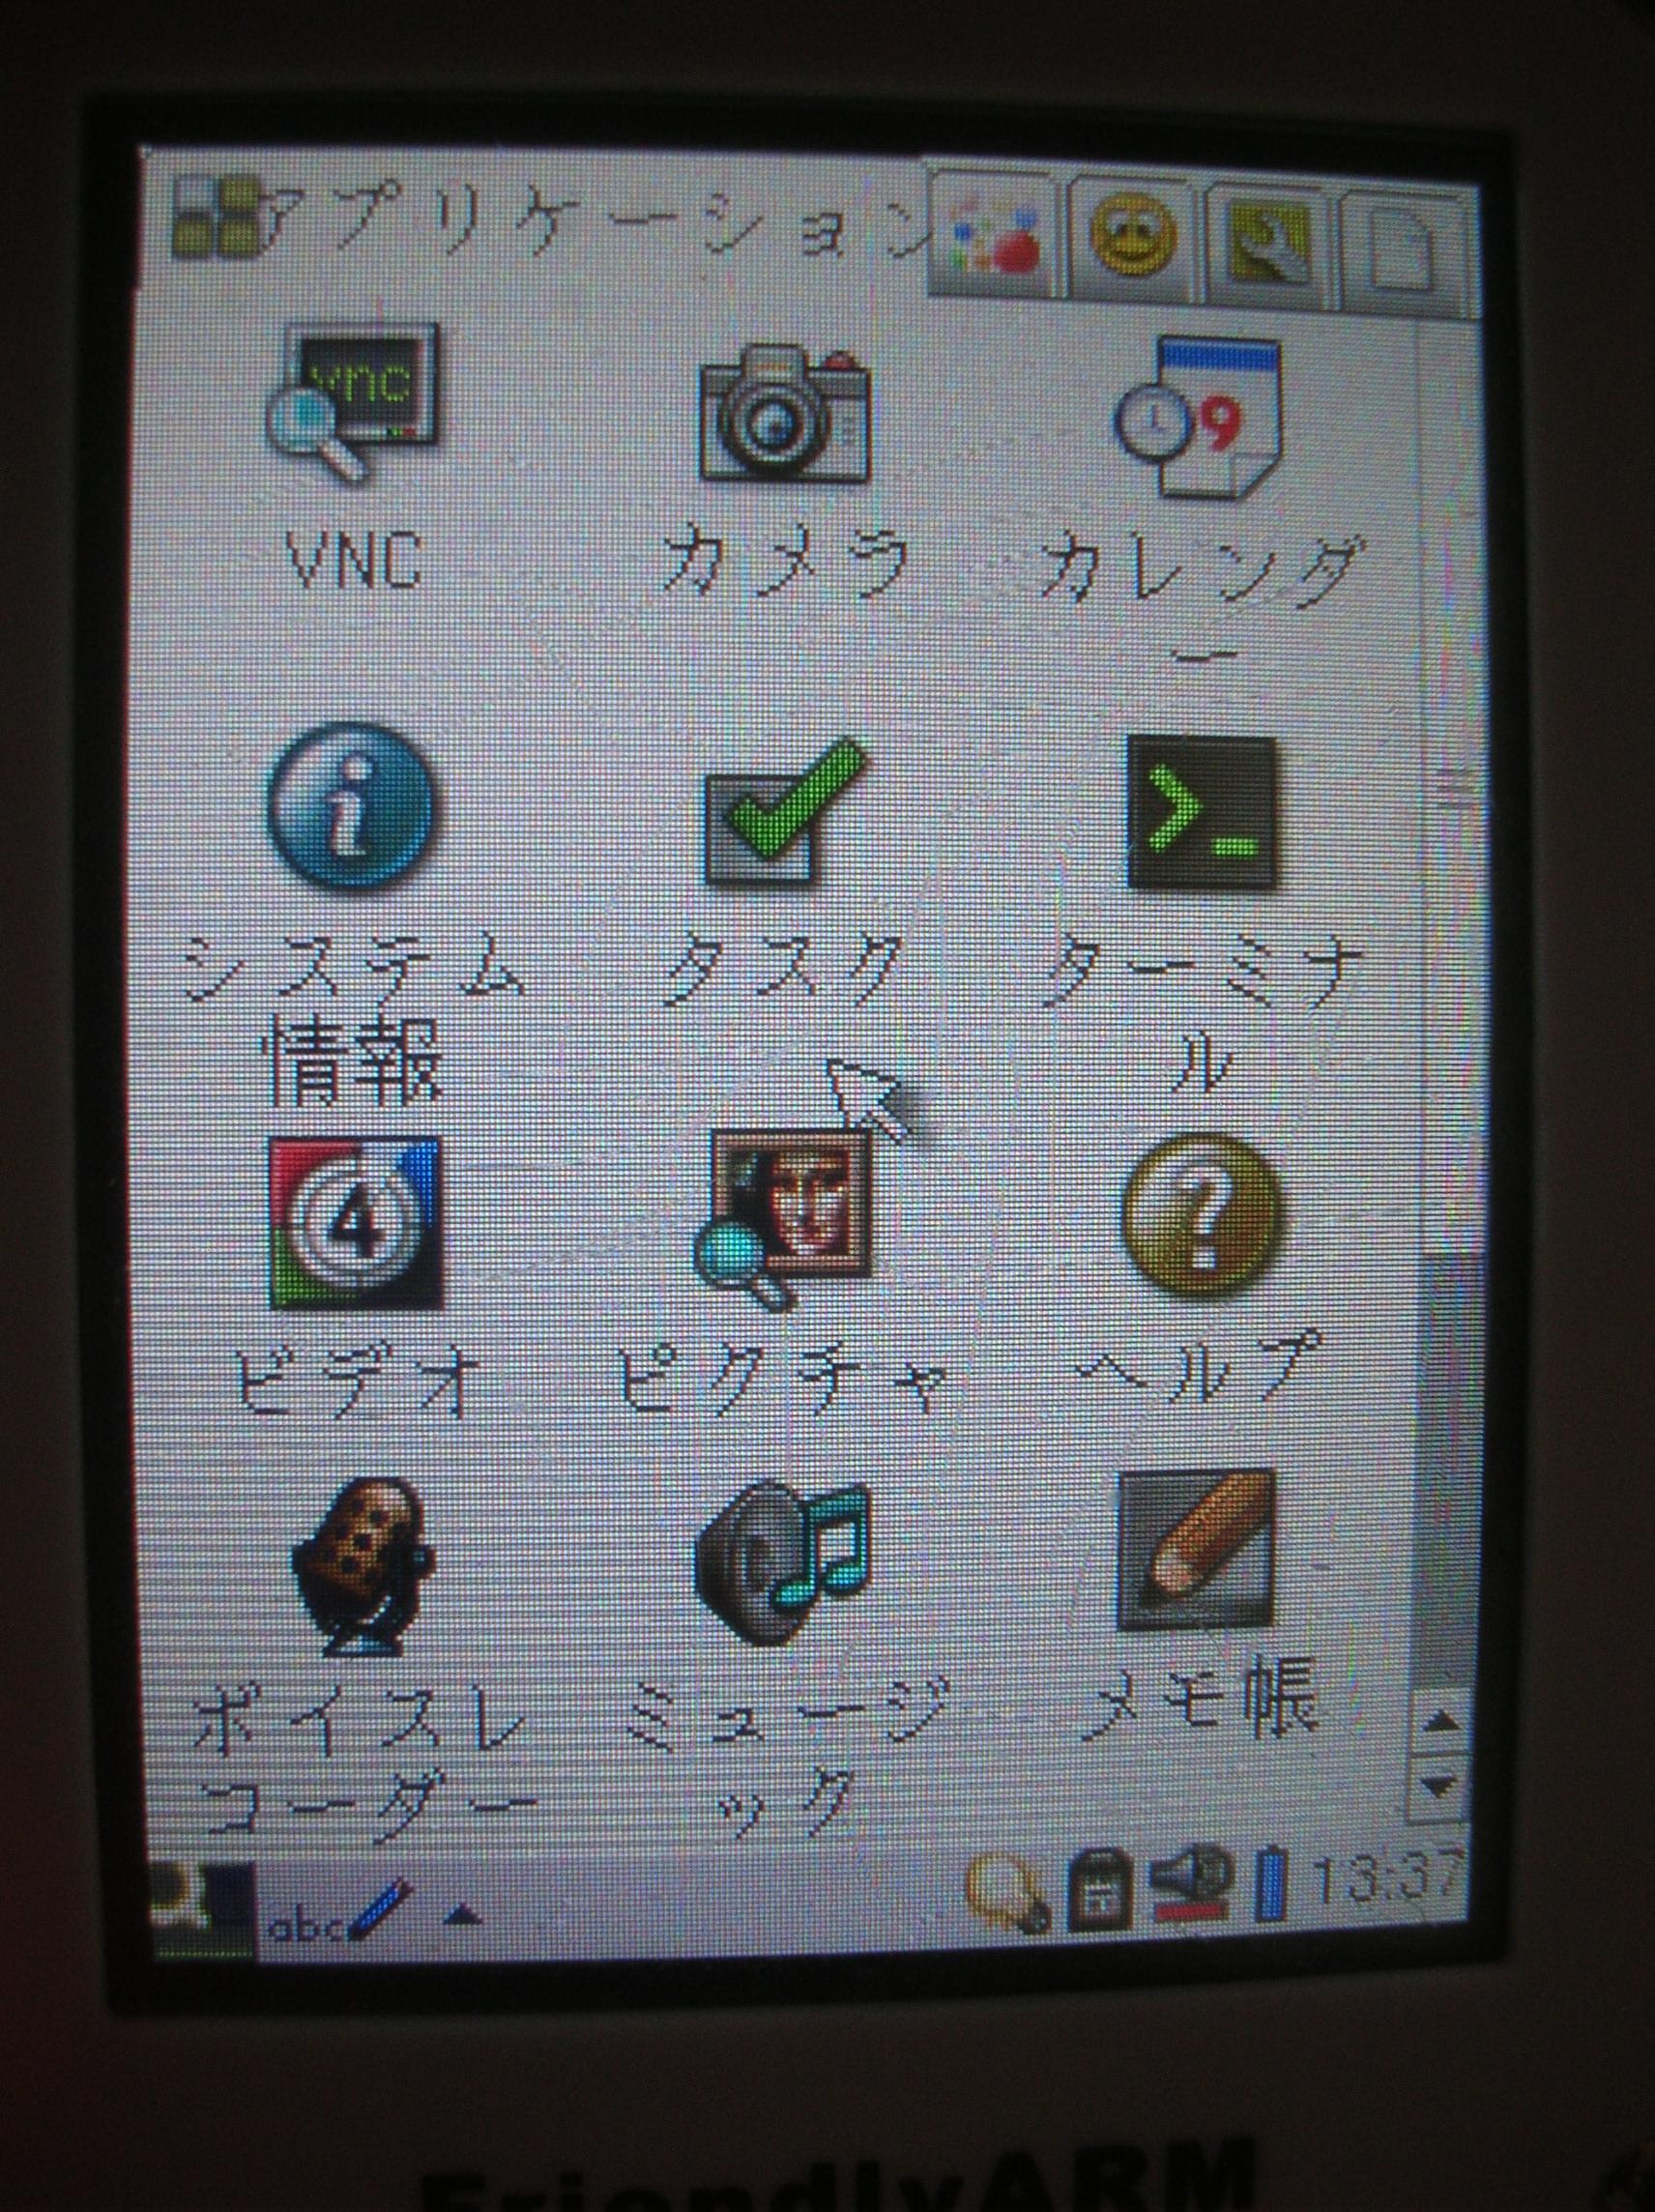 DSCN2567.jpg